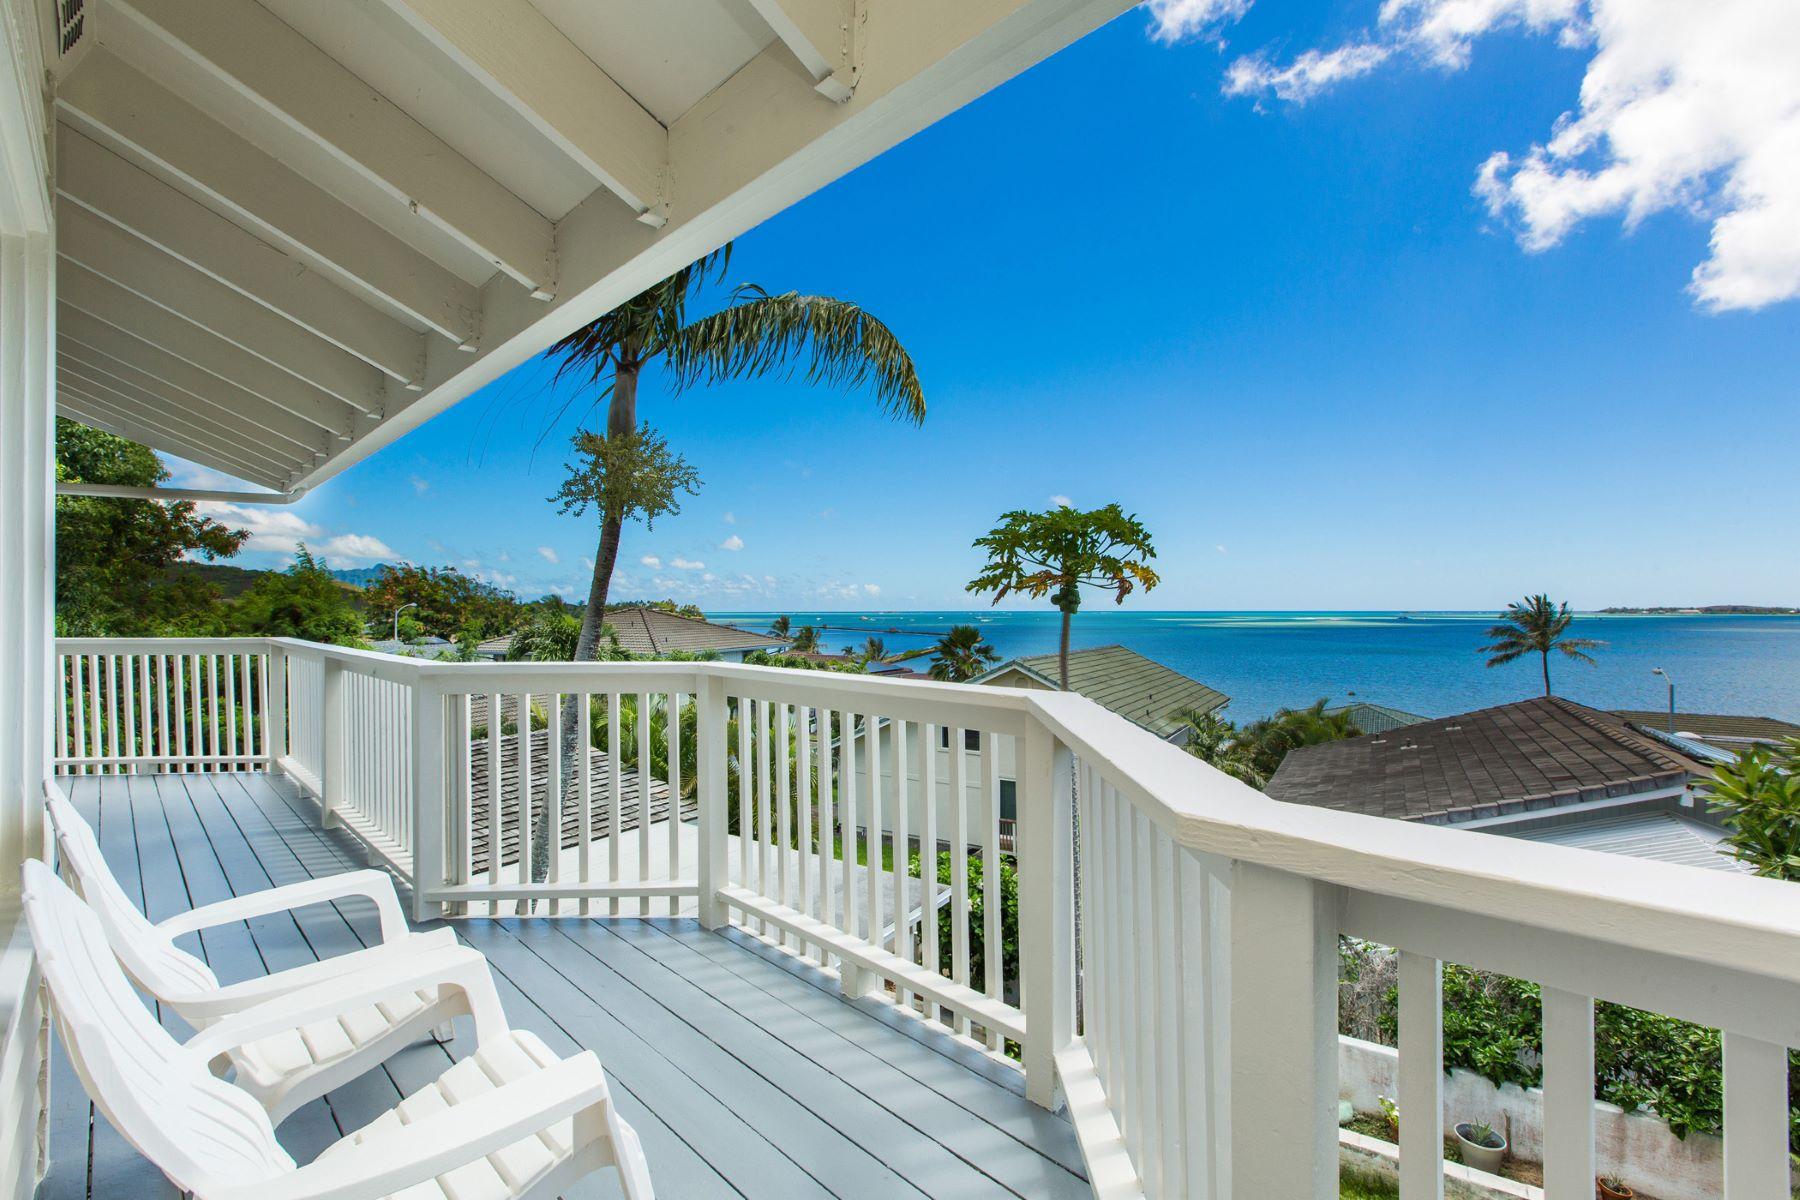 一戸建て のために 売買 アット Charm and Elegance with Ocean Views 46-058 Ipuka Street Kaneohe, ハワイ 96744 アメリカ合衆国